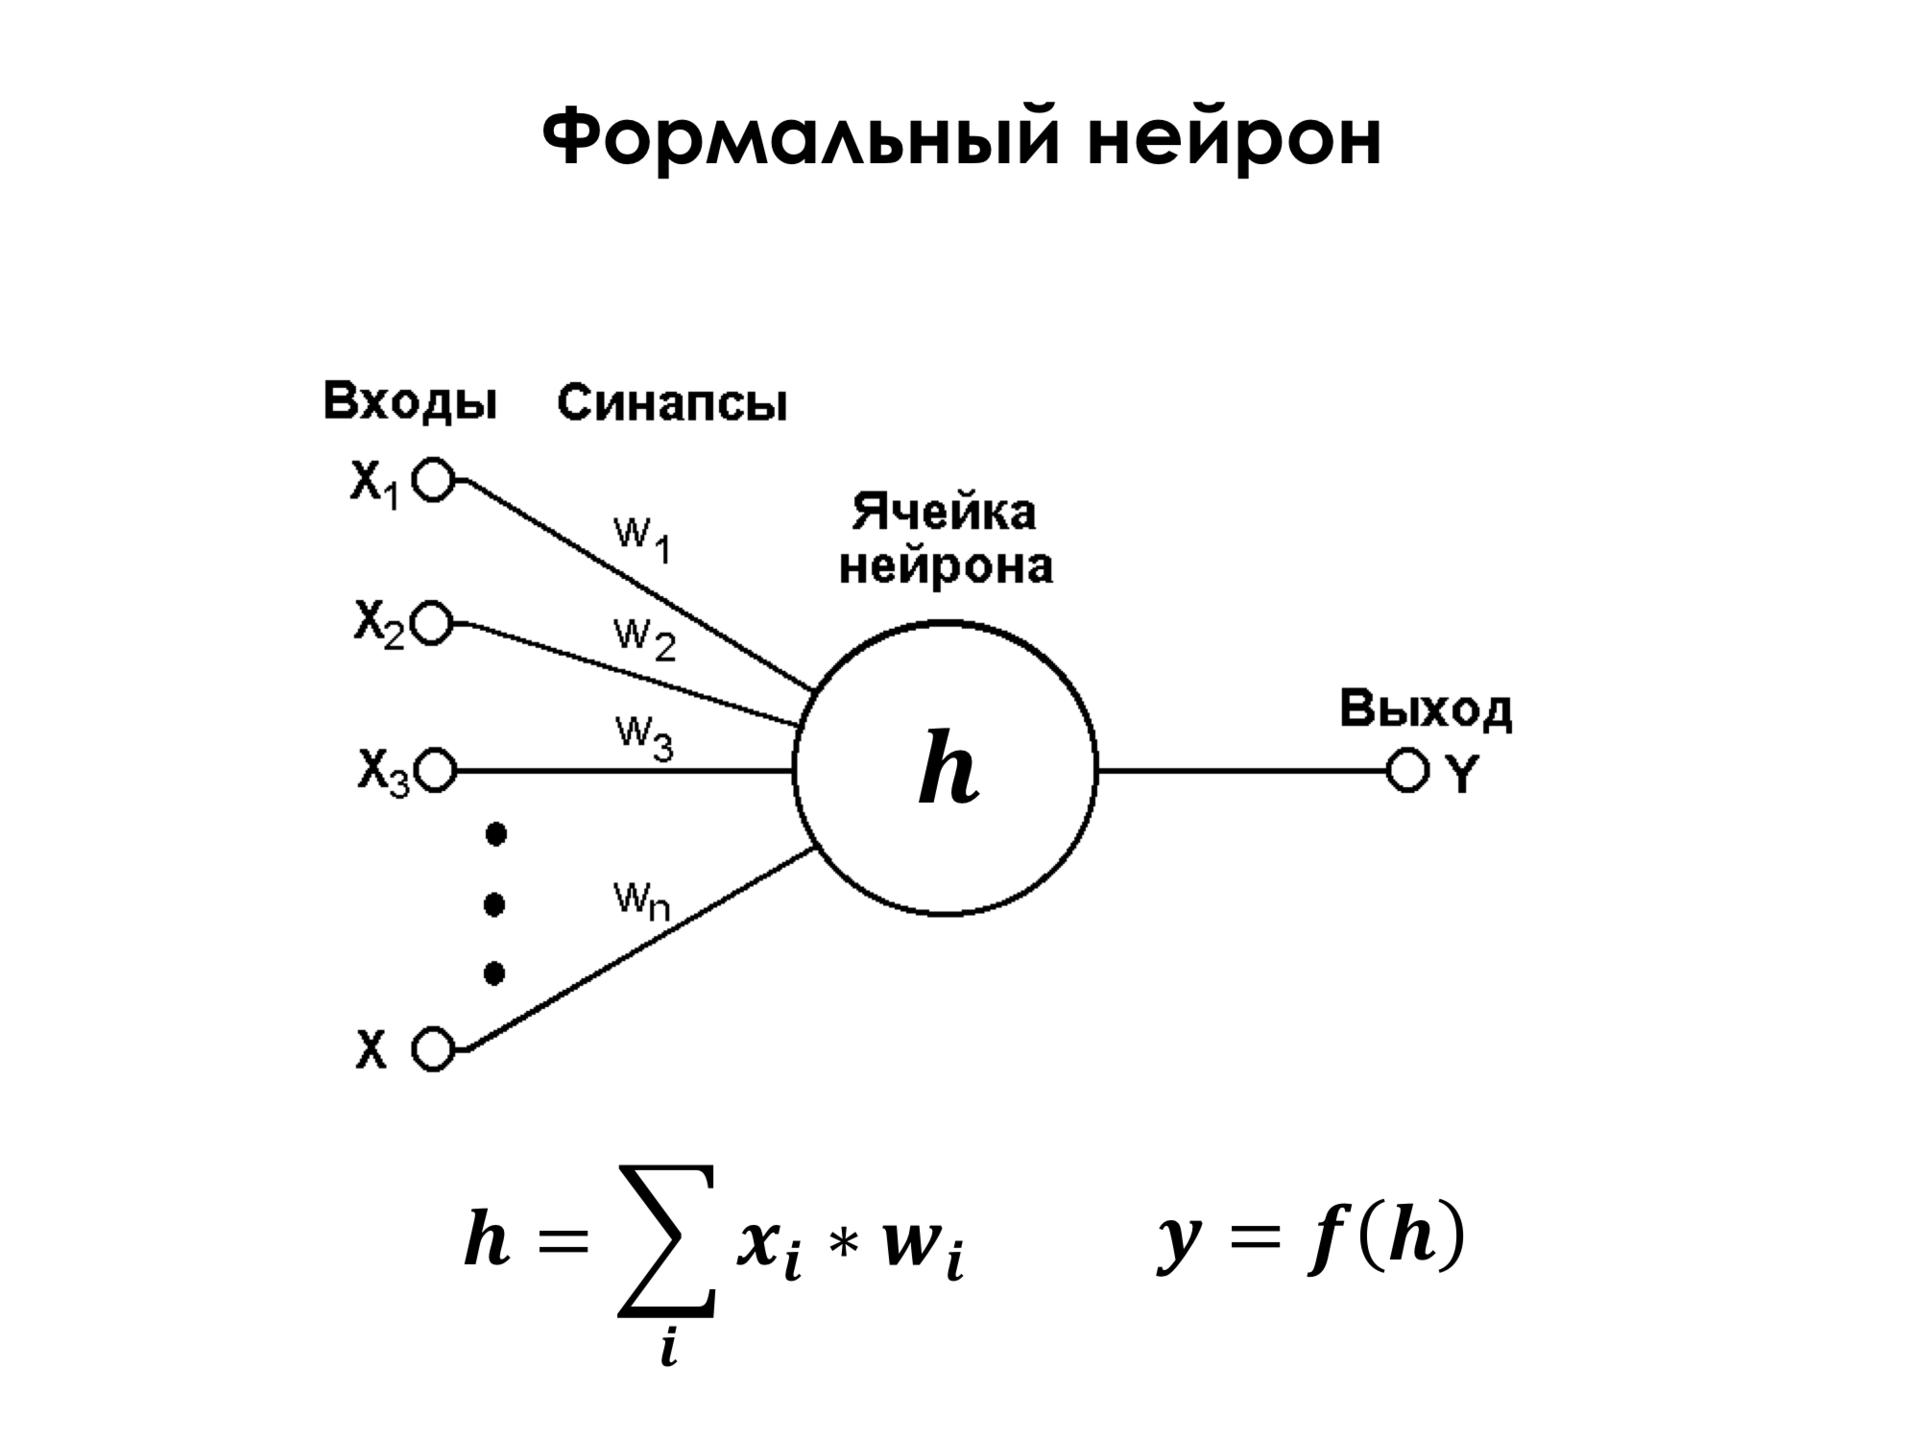 Самое главное о нейронных сетях. Лекция в Яндексе - 10